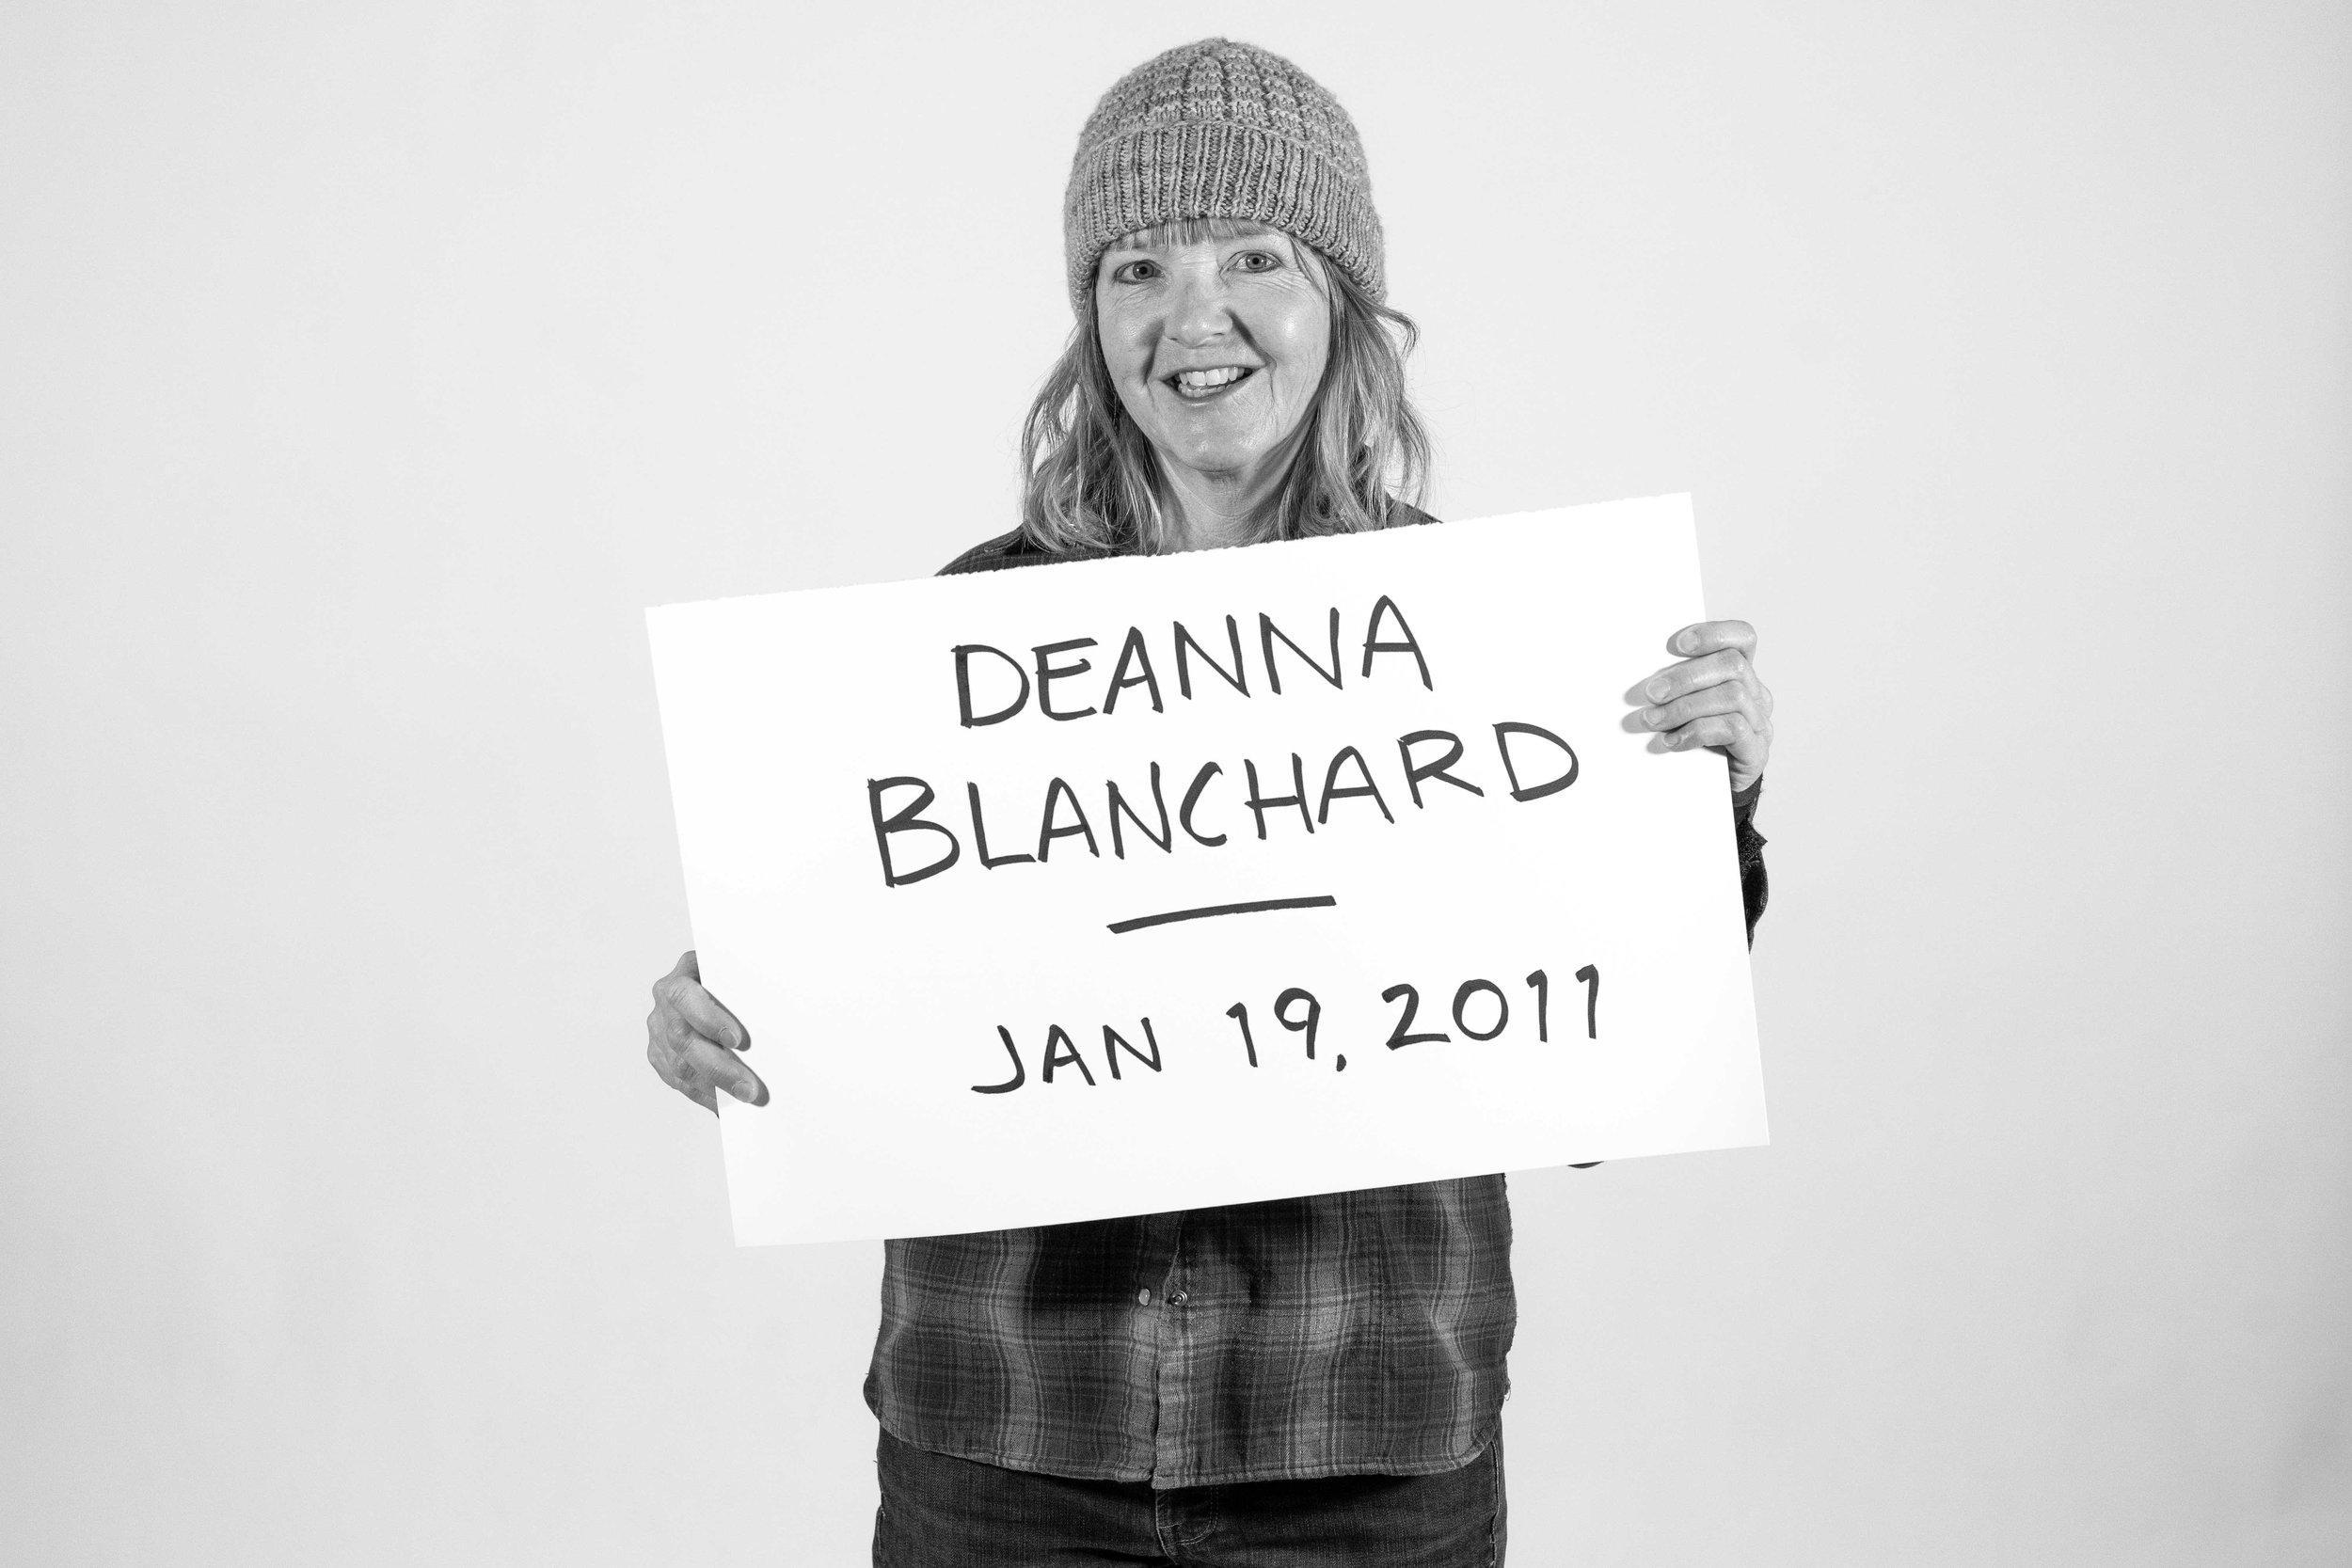 Deanna-3.jpg